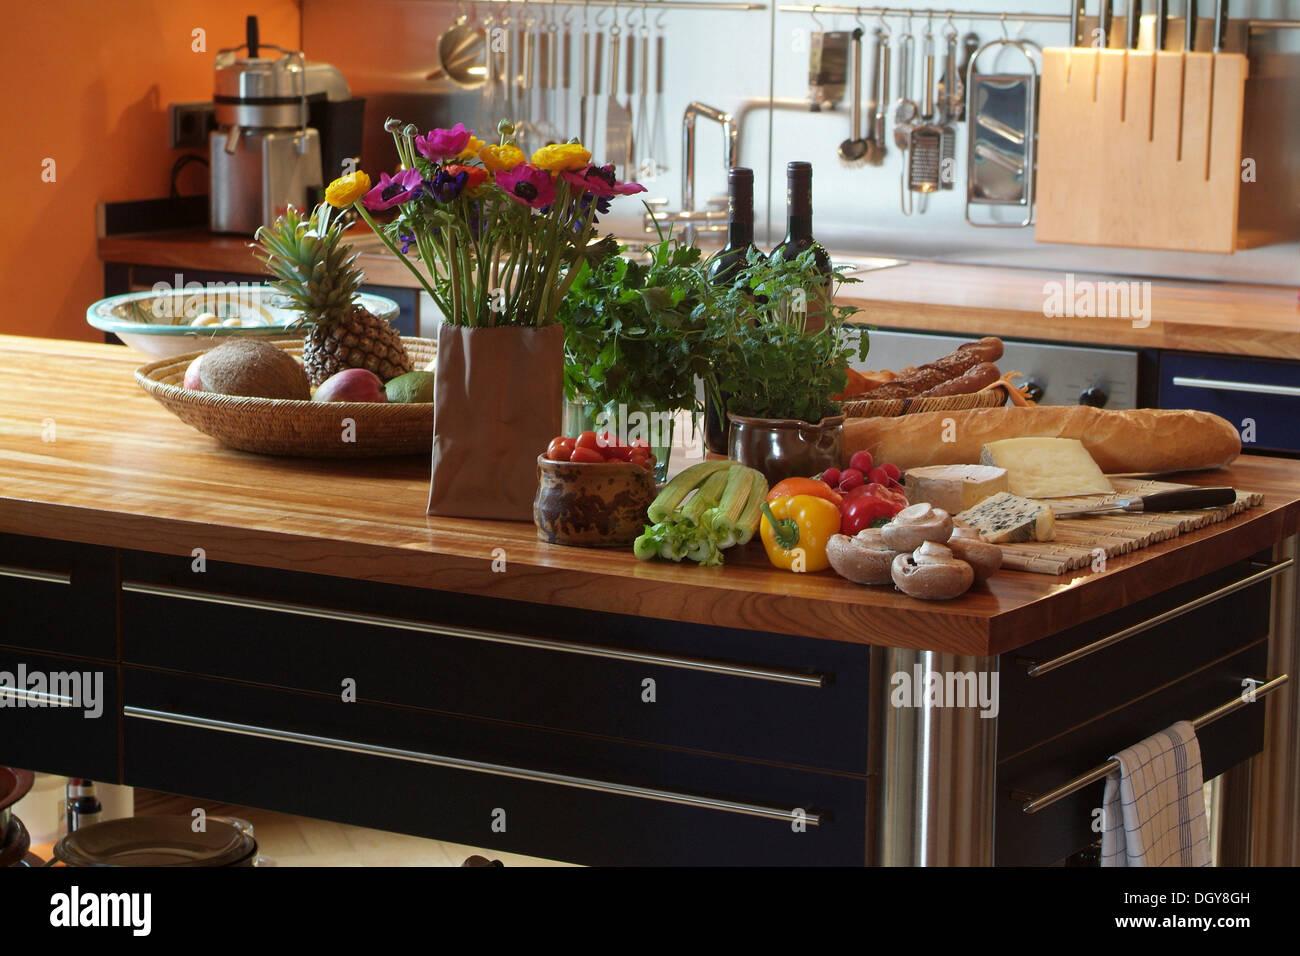 Stillleben mit frischem Gemüse, Käse und Brot auf eine moderne Küche ...